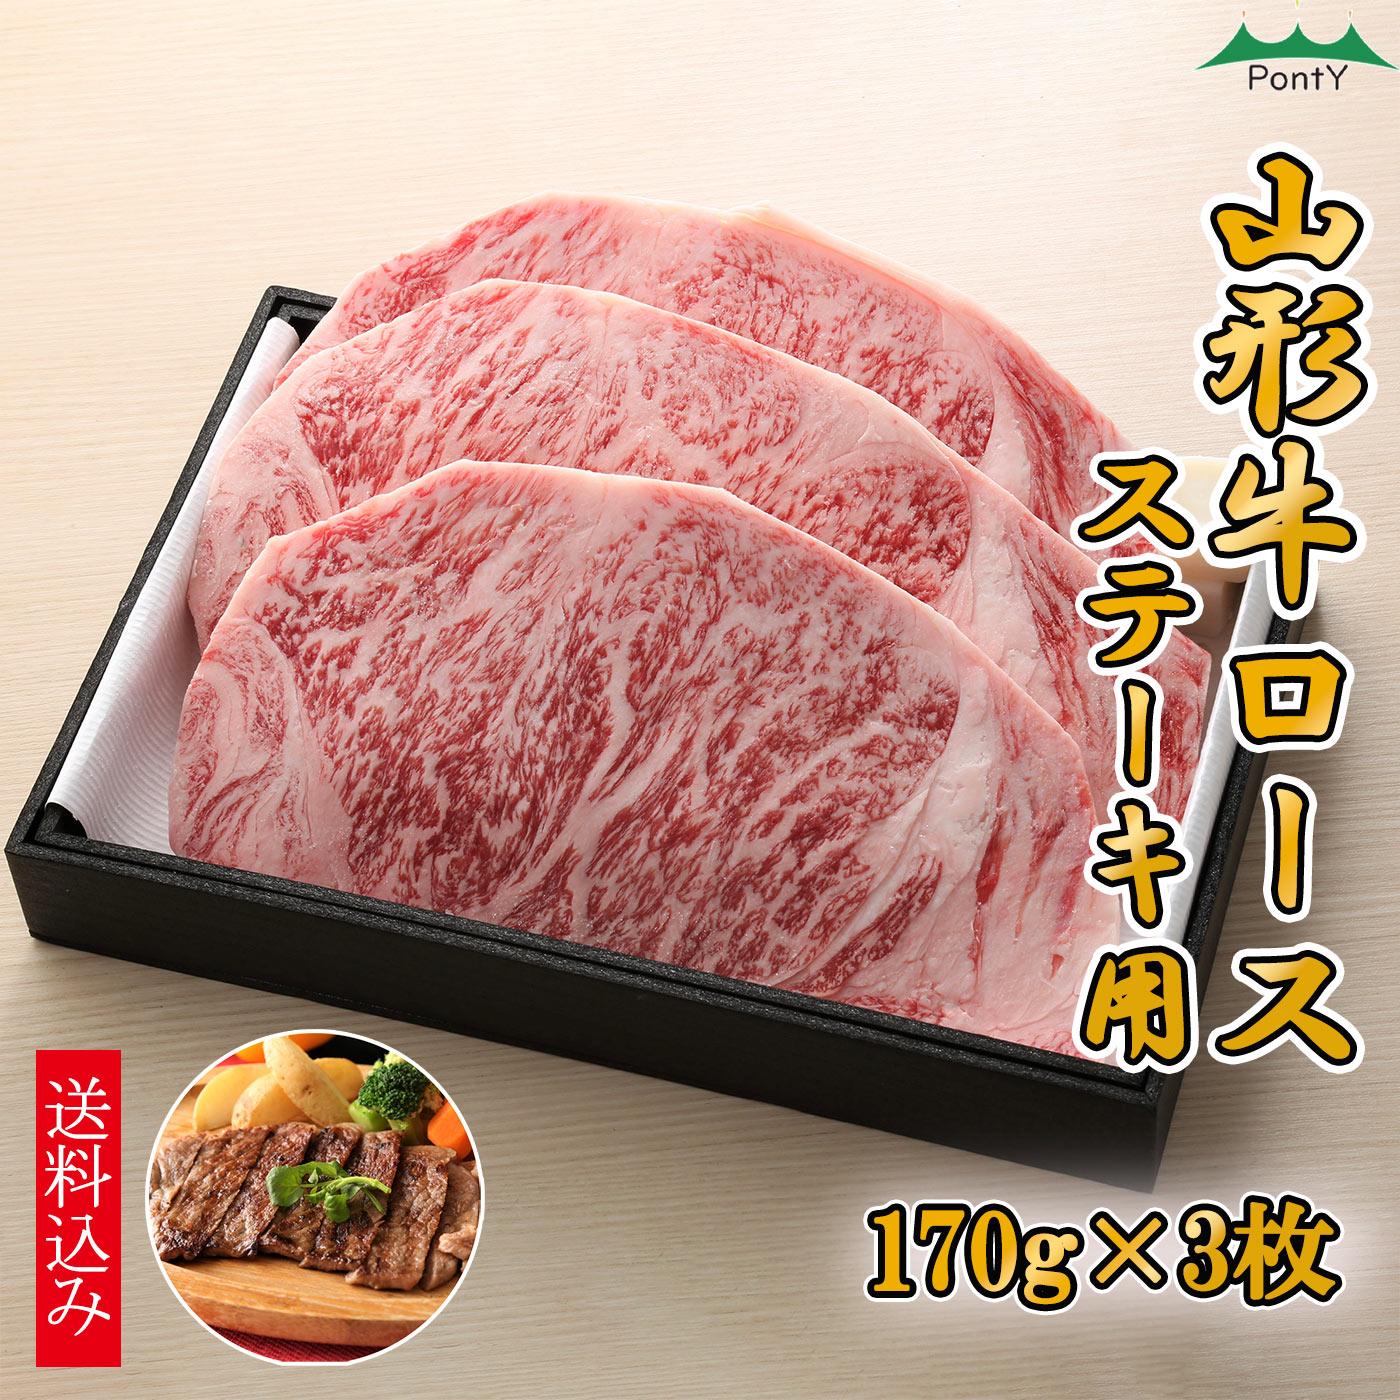 山形牛 ロース ステーキ用 【冷凍】510g(170g×3)